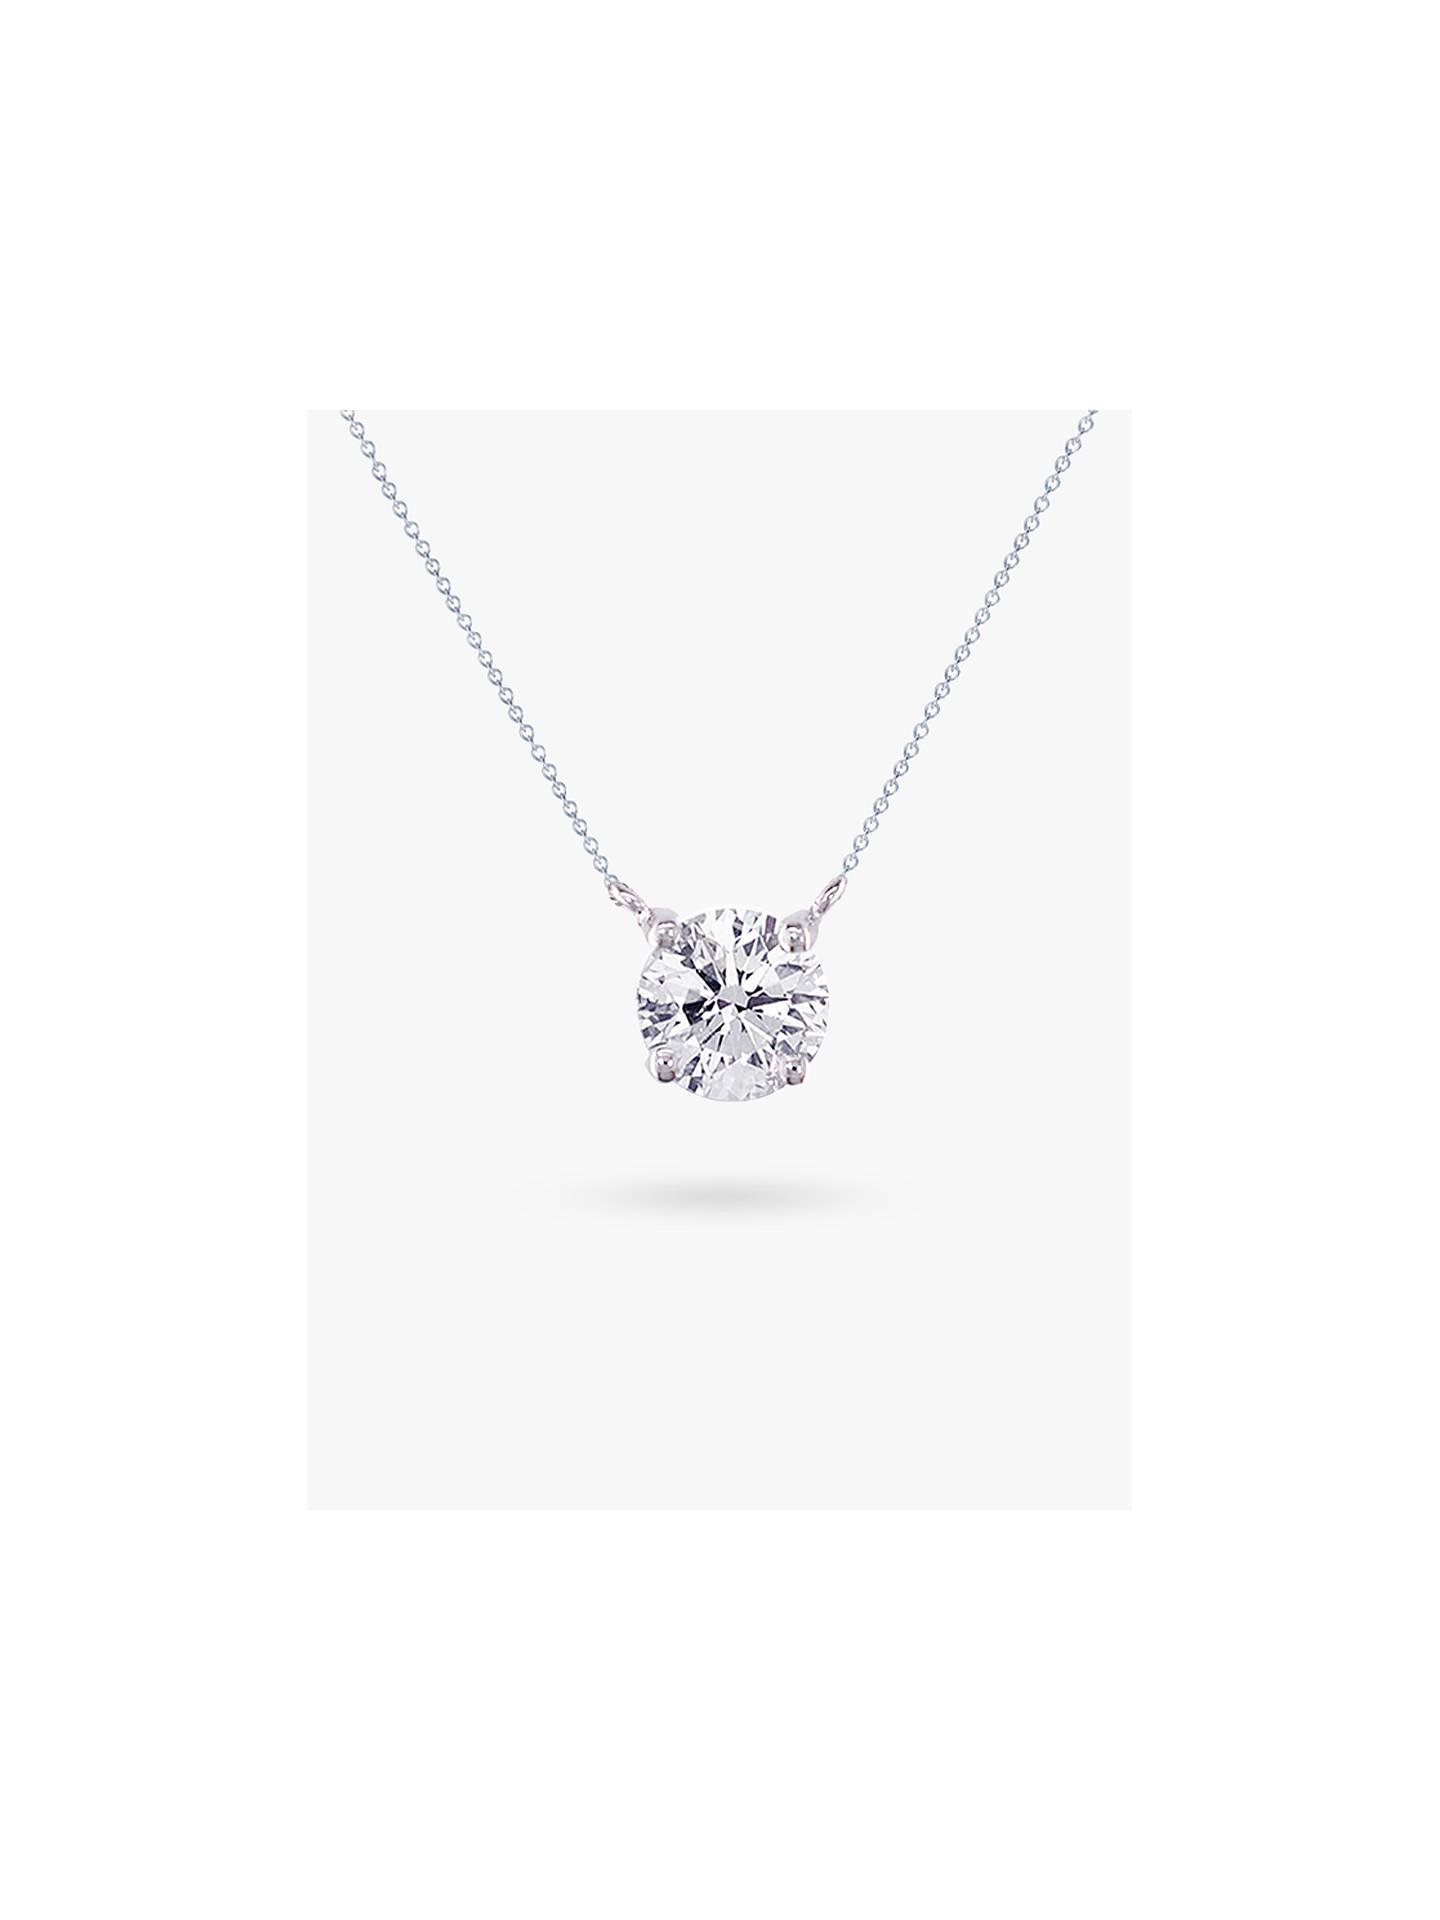 1bdd7de8f26569 Buy E.W Adams 18ct White Gold Solitaire Diamond Pendant Necklace Online at  johnlewis.com